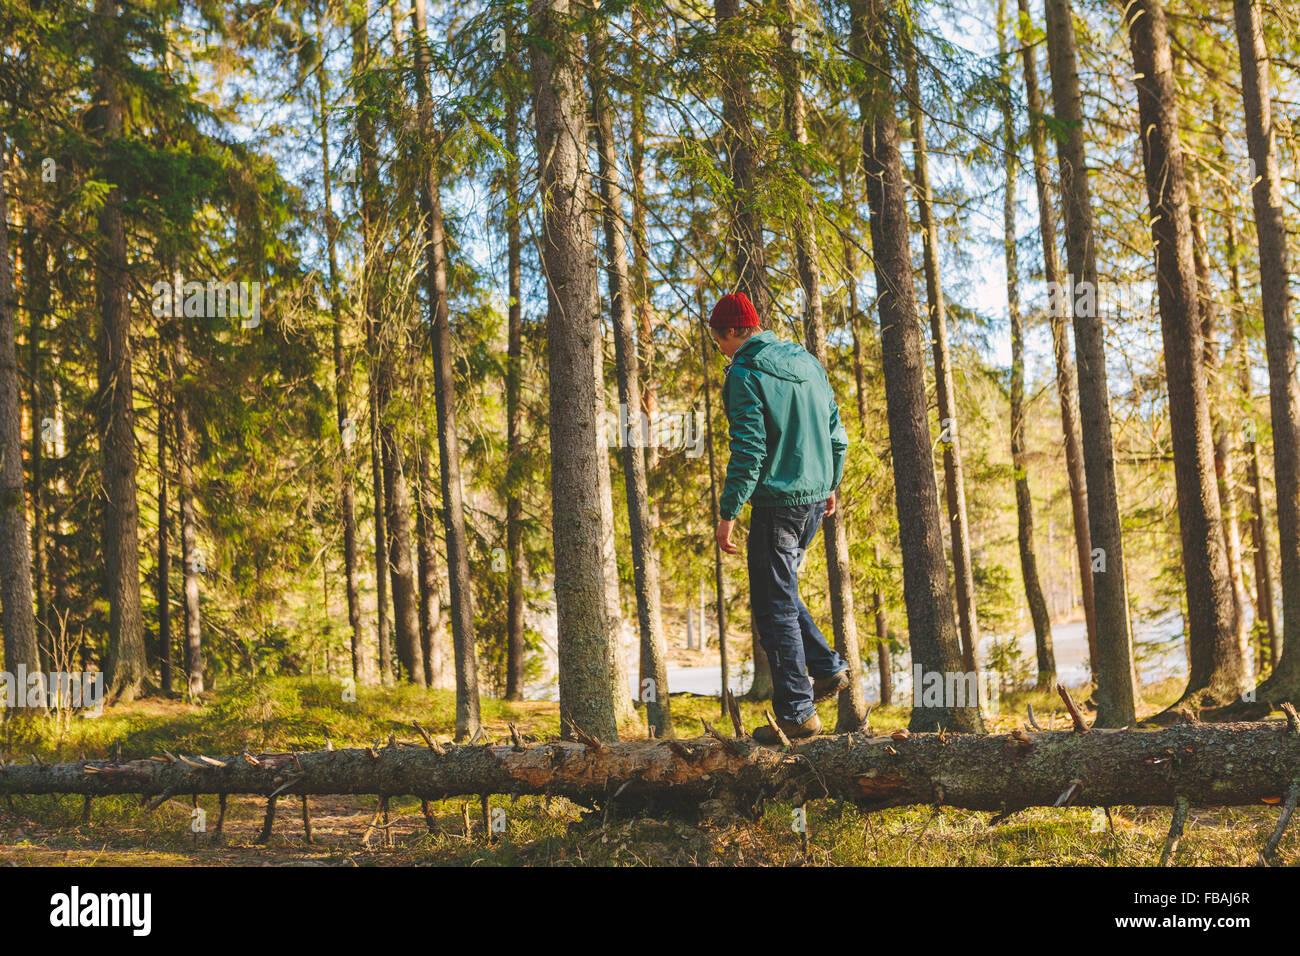 Finnland, ESO, Kvarntrask, jungen Mann zu Fuß auf Stamm von umgestürzten Baum im Wald Stockbild